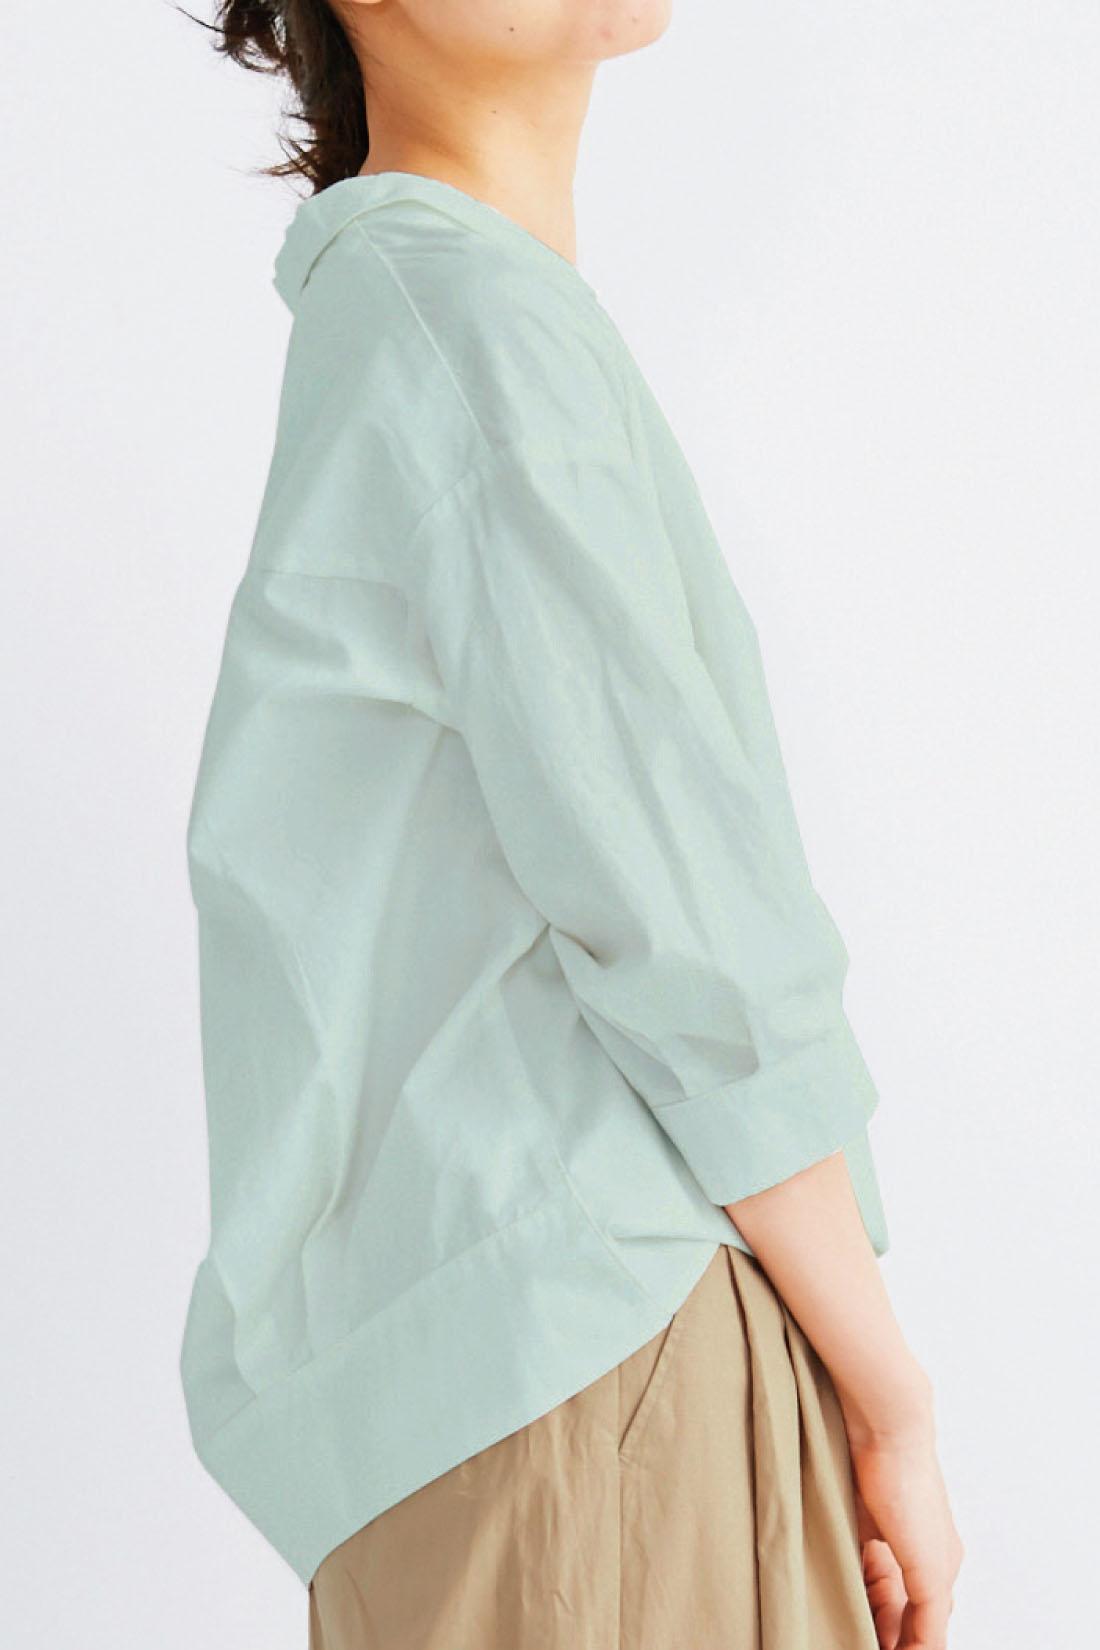 気になる部分をカバーする後ろ長めの丈感も◎。 ※着用イメージです。※お届けするカラーとは異なります。